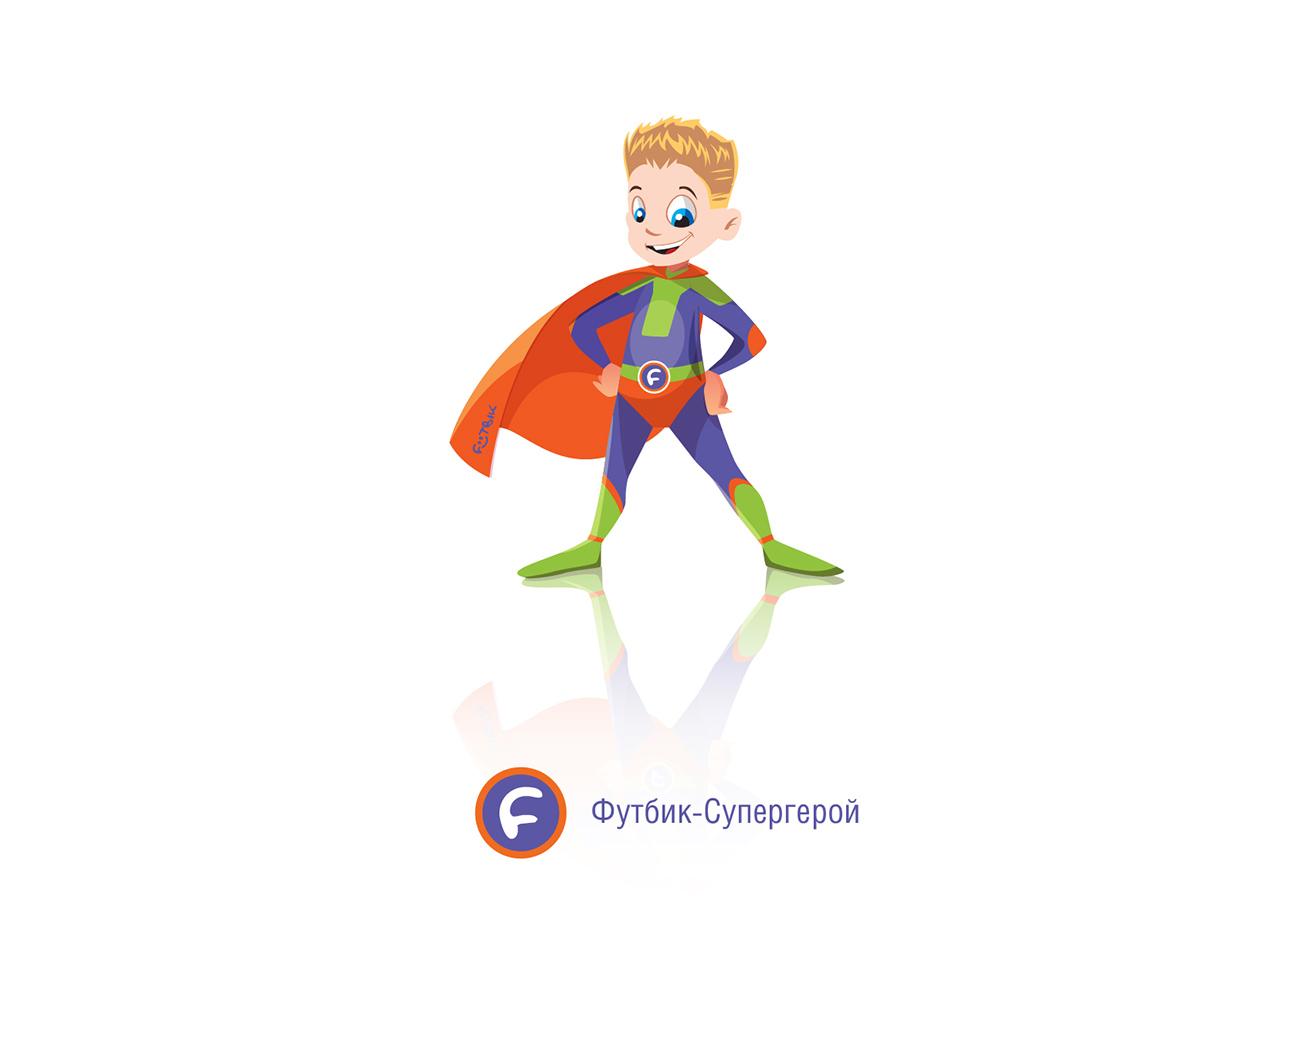 Иллюстрации «Футбик – Супергерой»